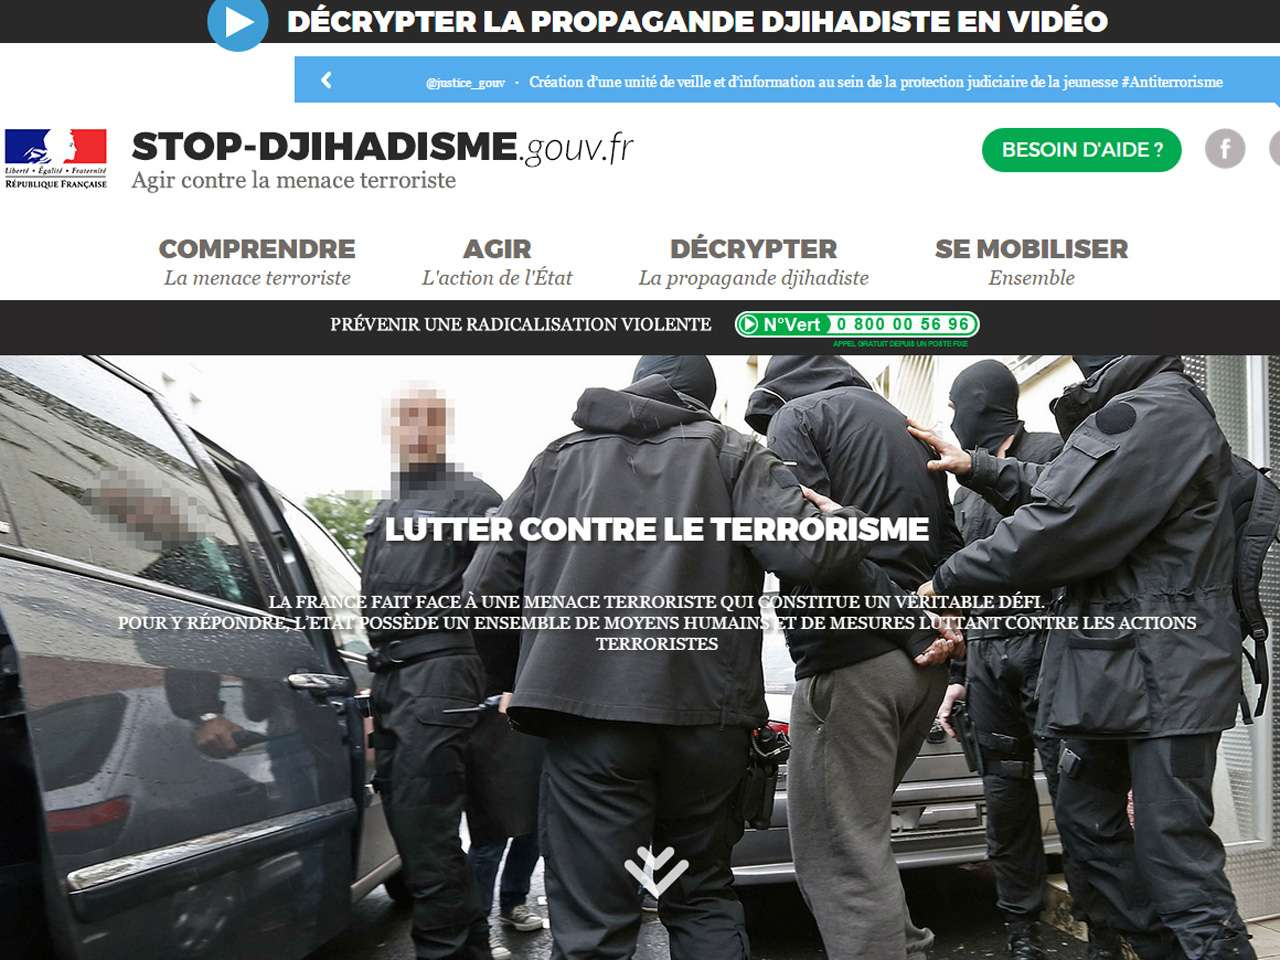 El gobierno francés hace frente a los yihadistas con un video, un sitio web y un hashtag Foto: http://www.stop-djihadisme.gouv.fr/